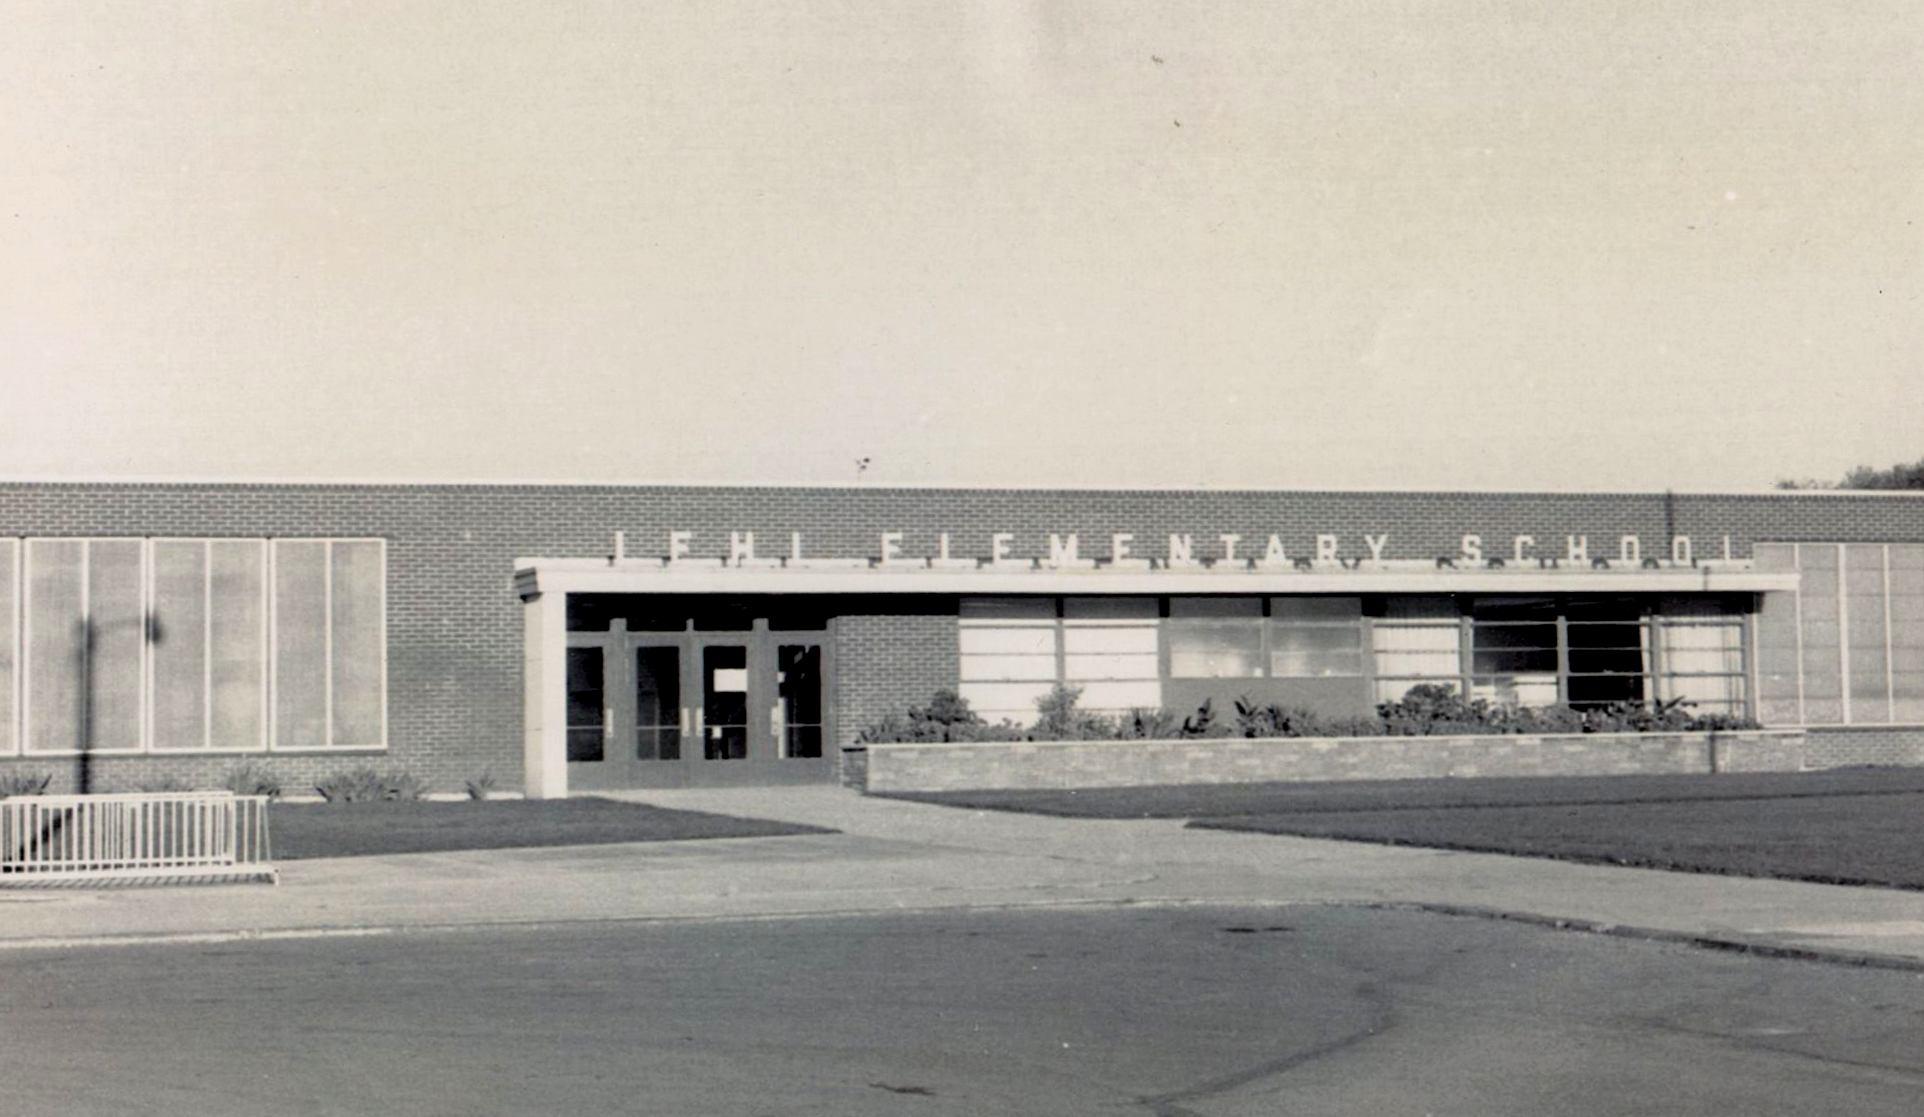 Old photo of Lehi Elementary